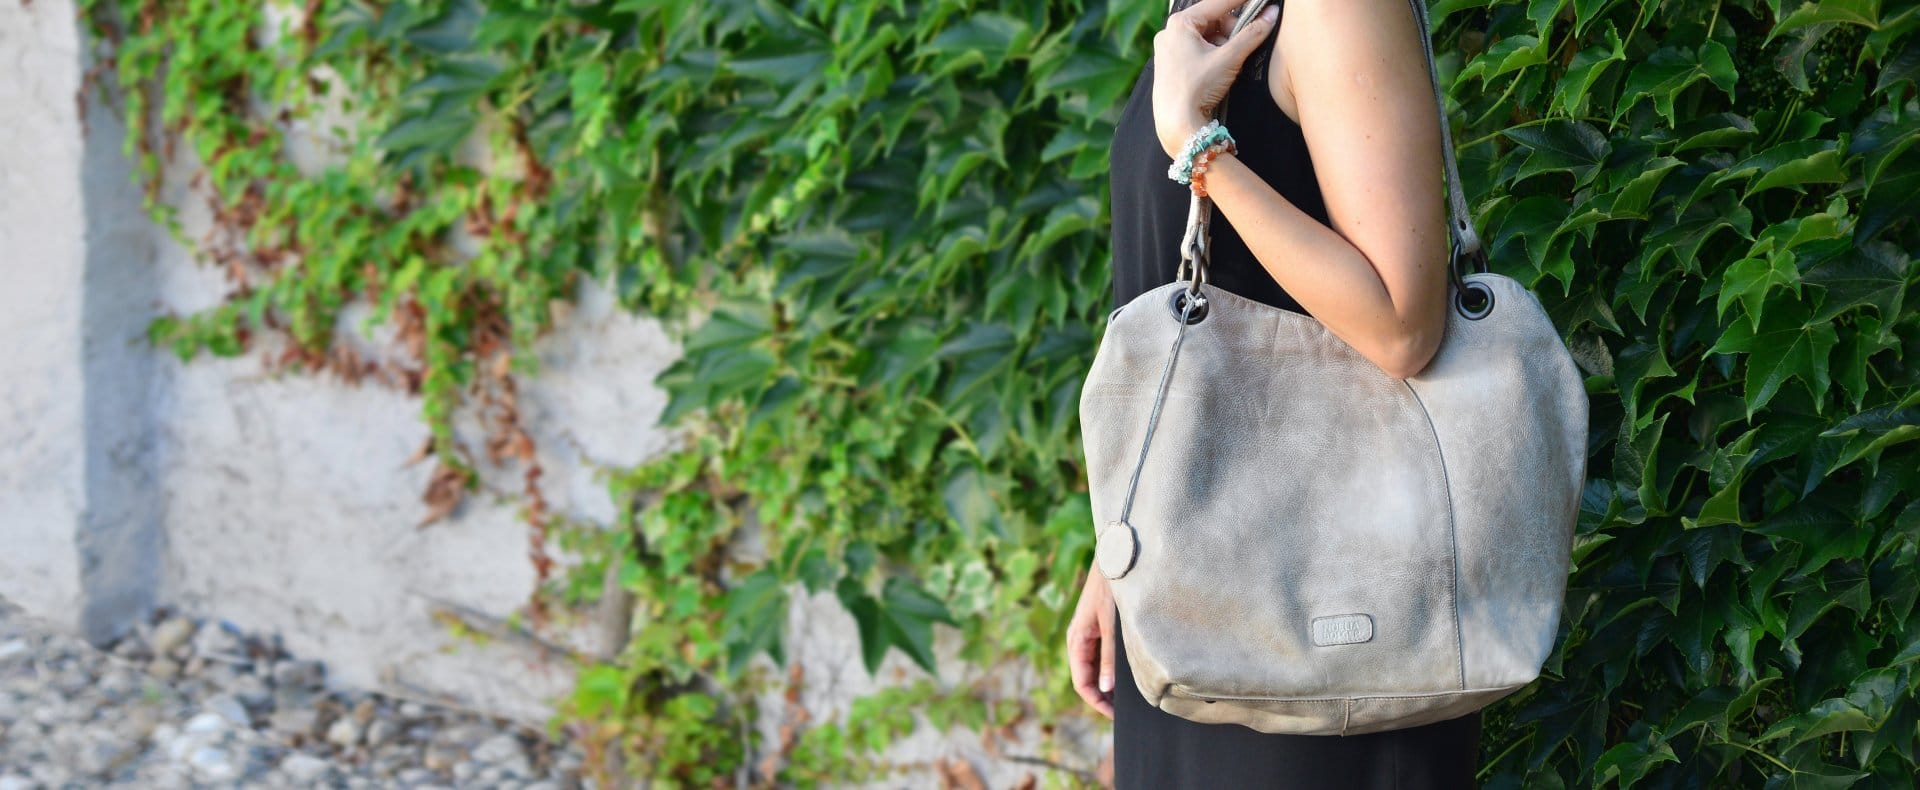 388a26d909 Kabelky – Nakupujte online kvalitní kabelky od českého výrobce